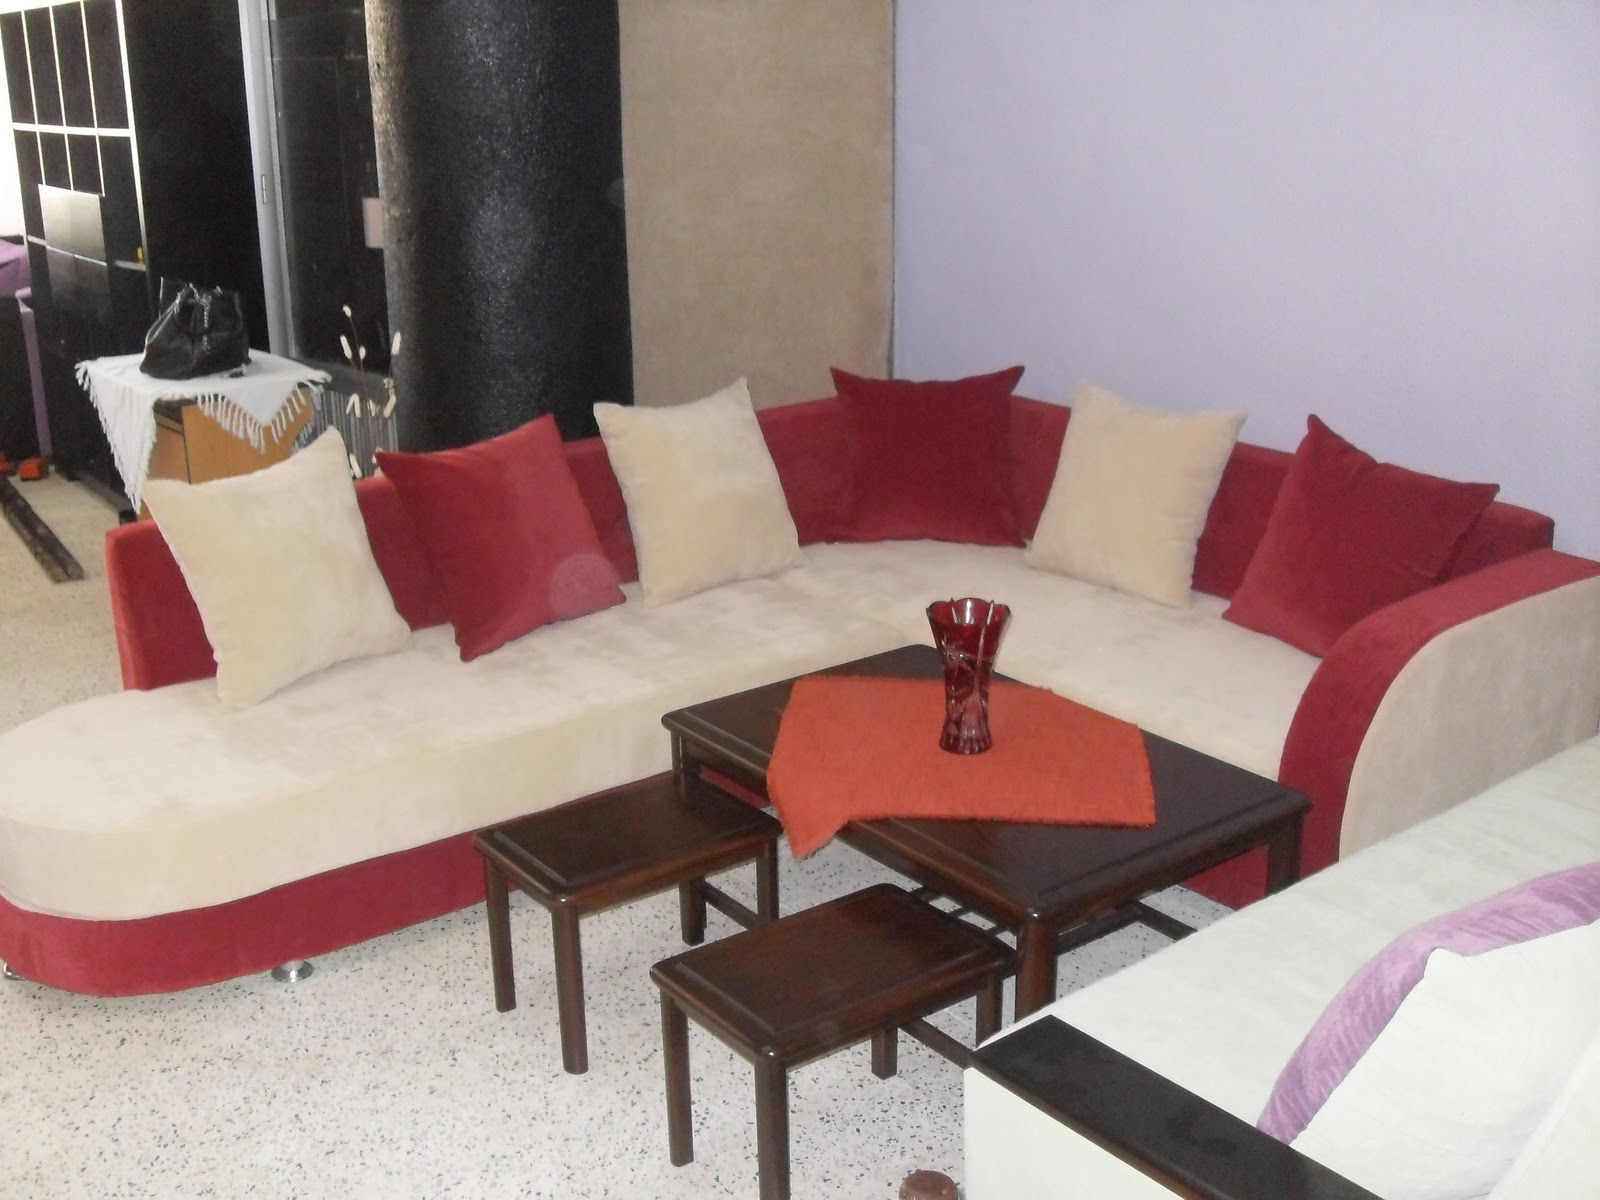 salons meubles et d co quelques articles disponibles en boutique en ce moment. Black Bedroom Furniture Sets. Home Design Ideas